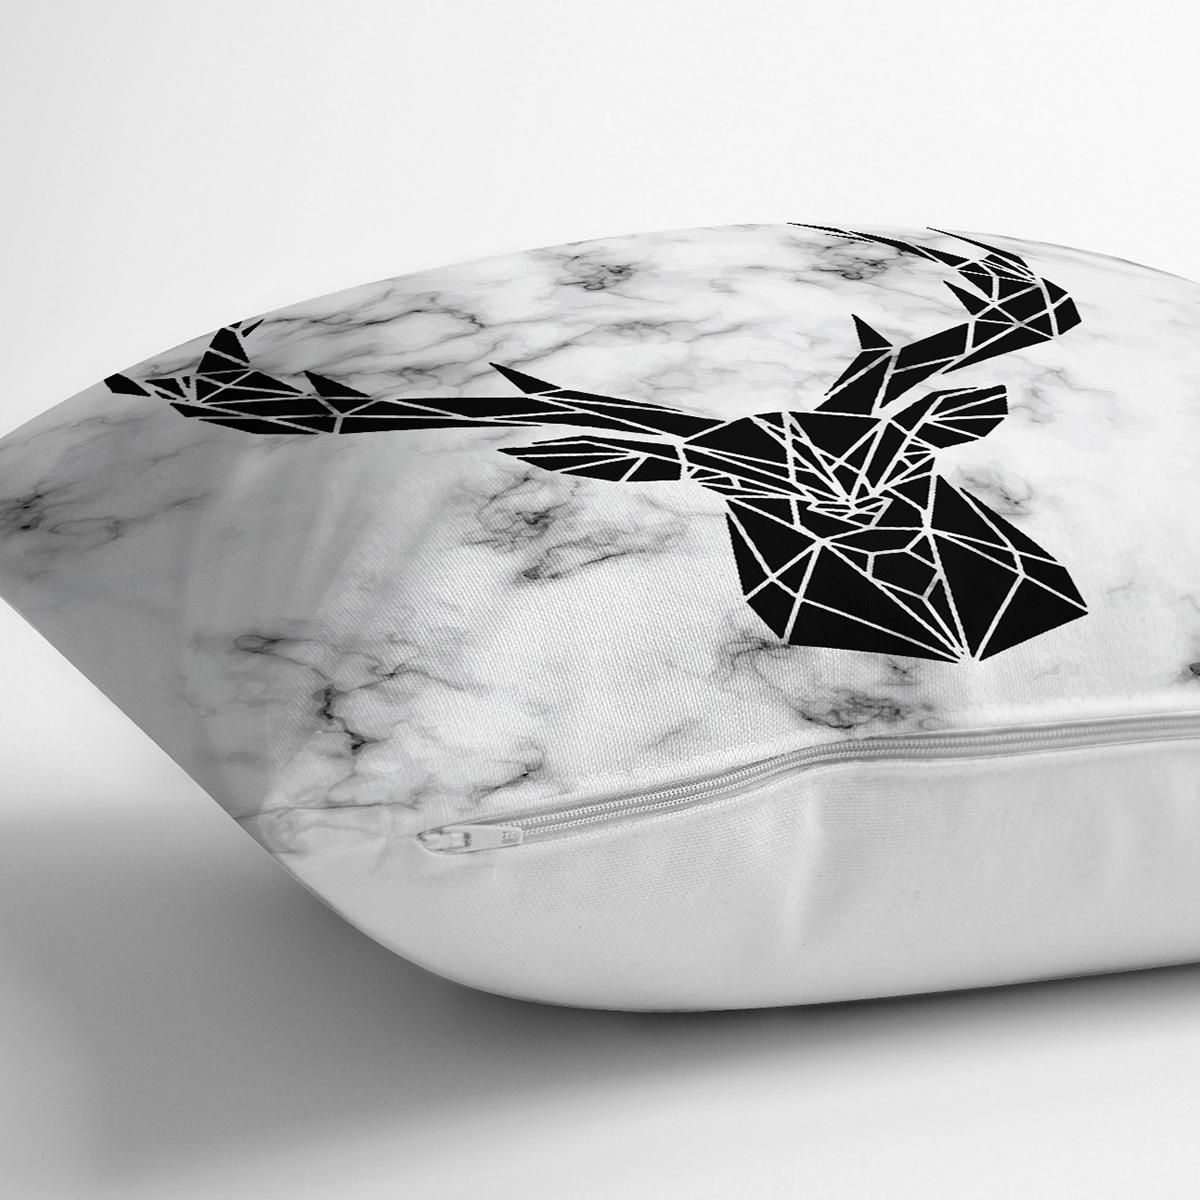 Mermer Zeminde Geyik Motifli Özel Tasarım Modern Yastık Kırlent Kılıfı Realhomes